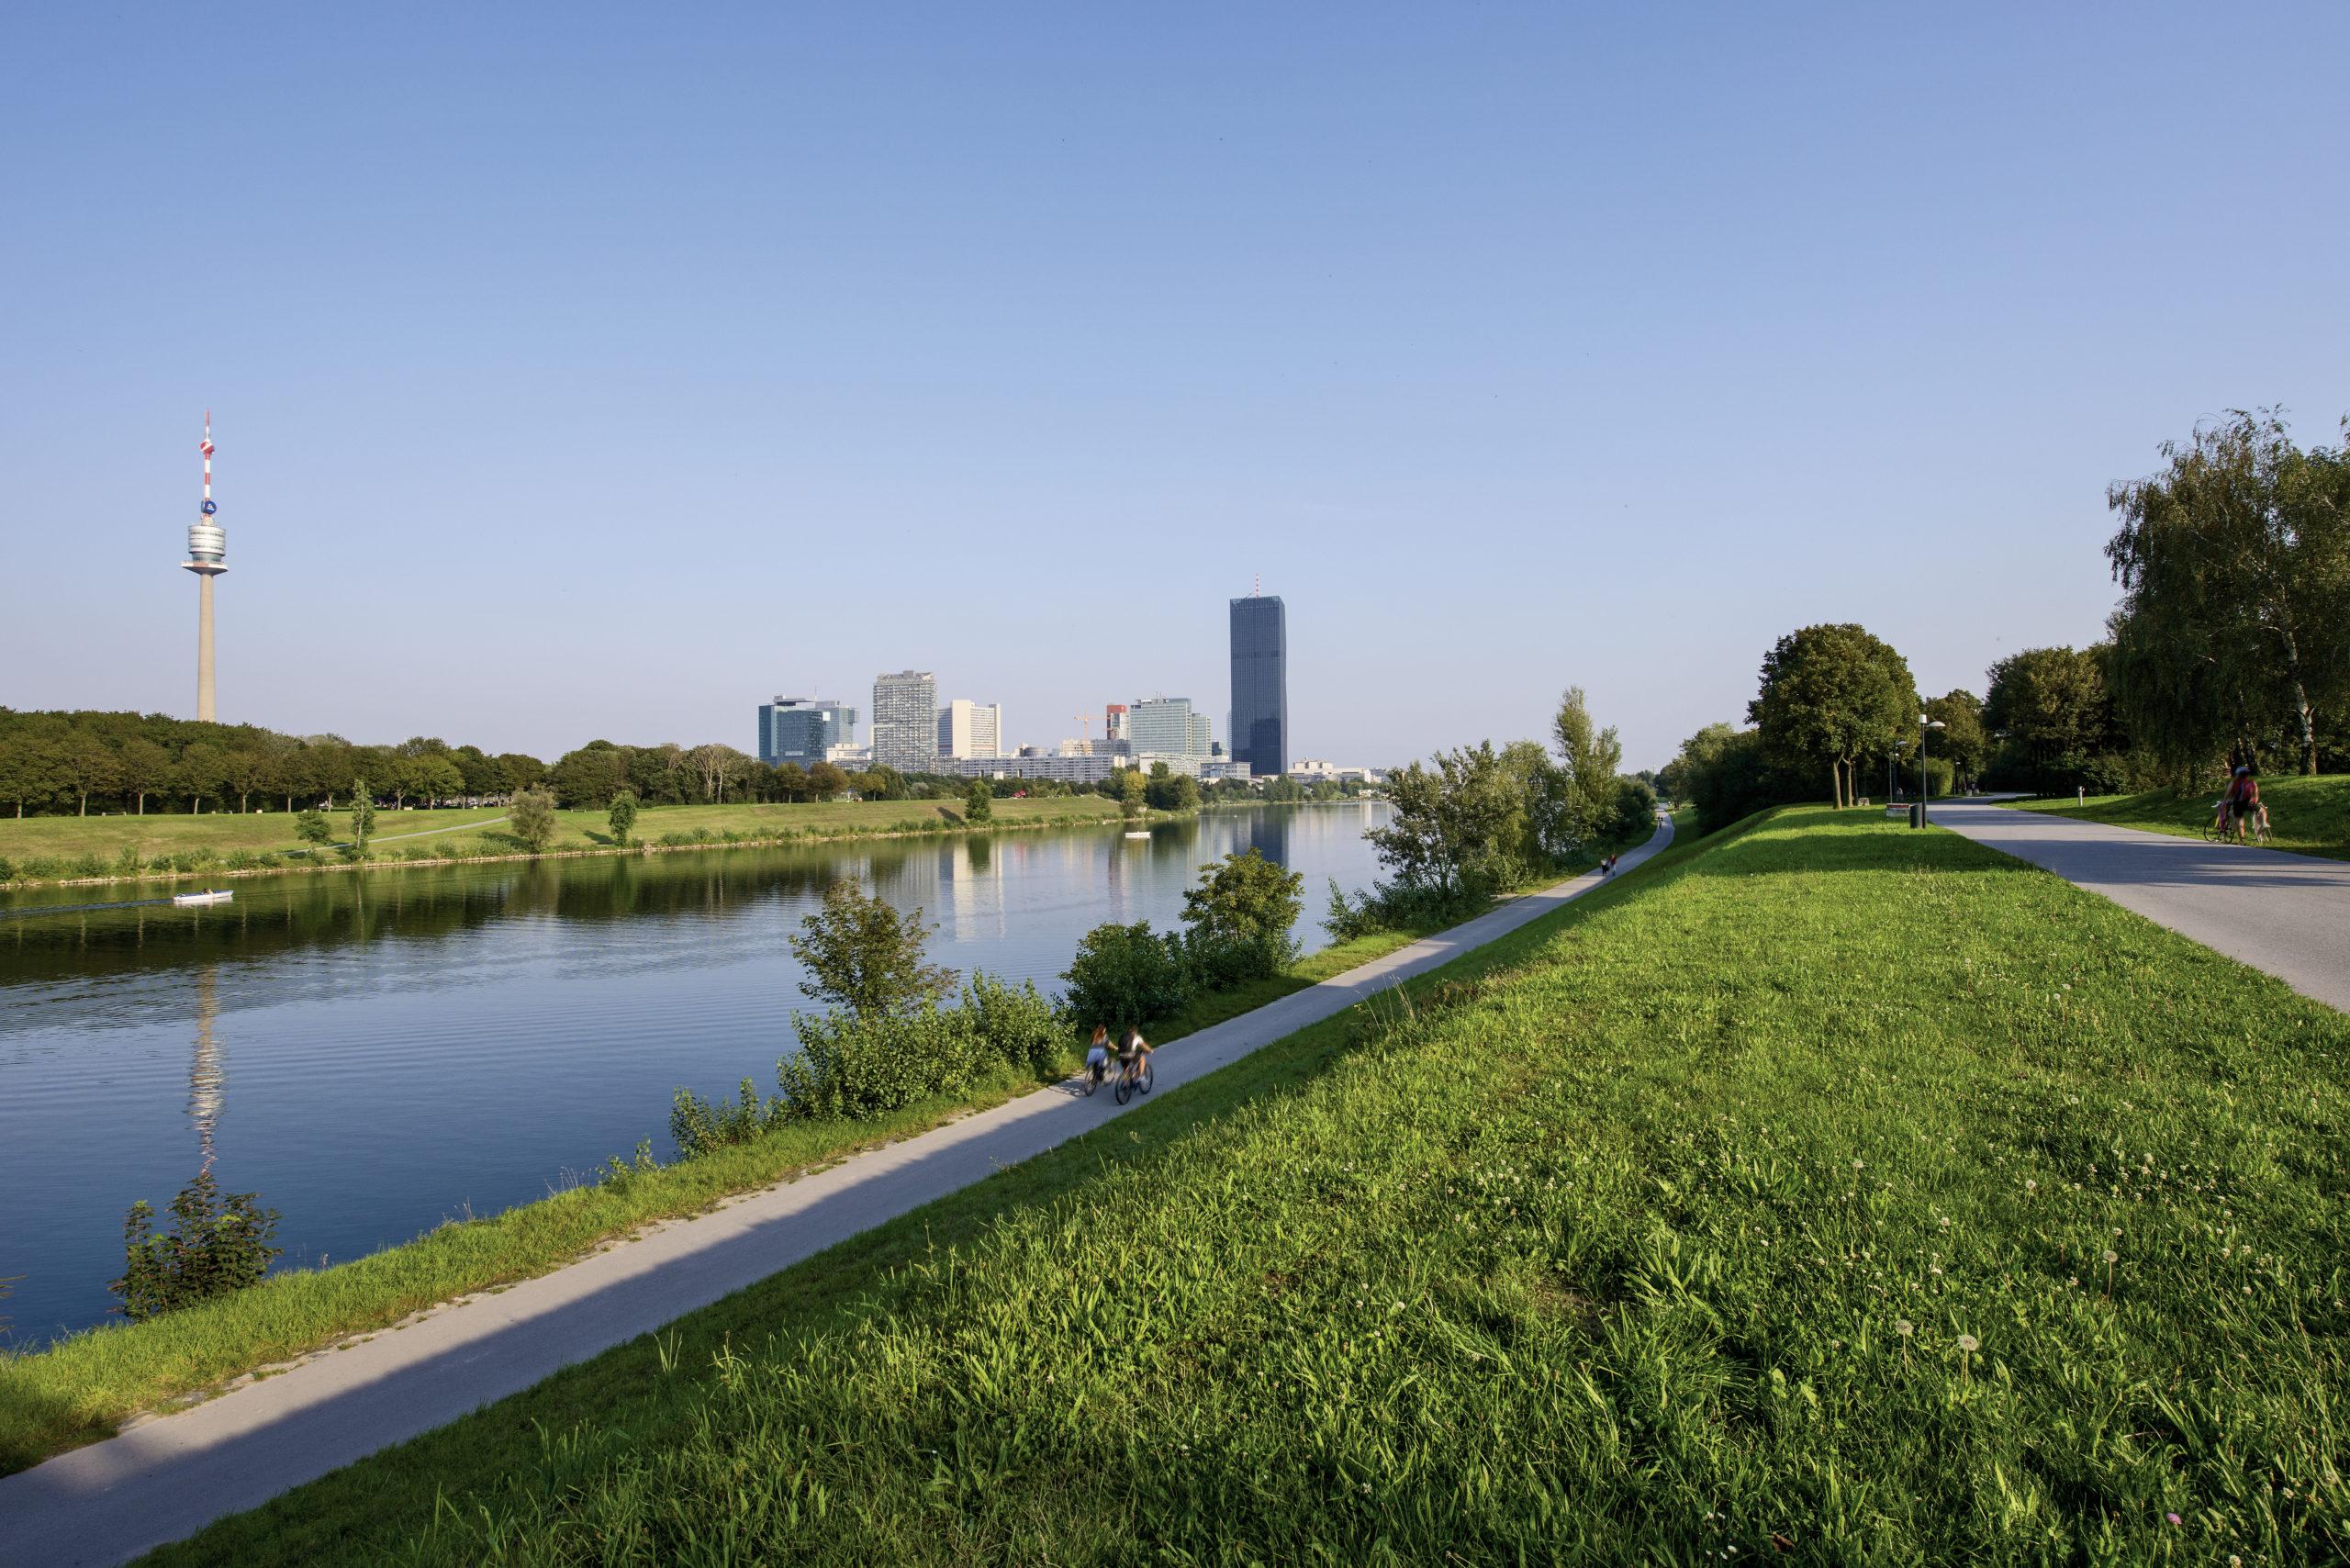 Radtour durch Wien genießen und die Donauinsel erkunden